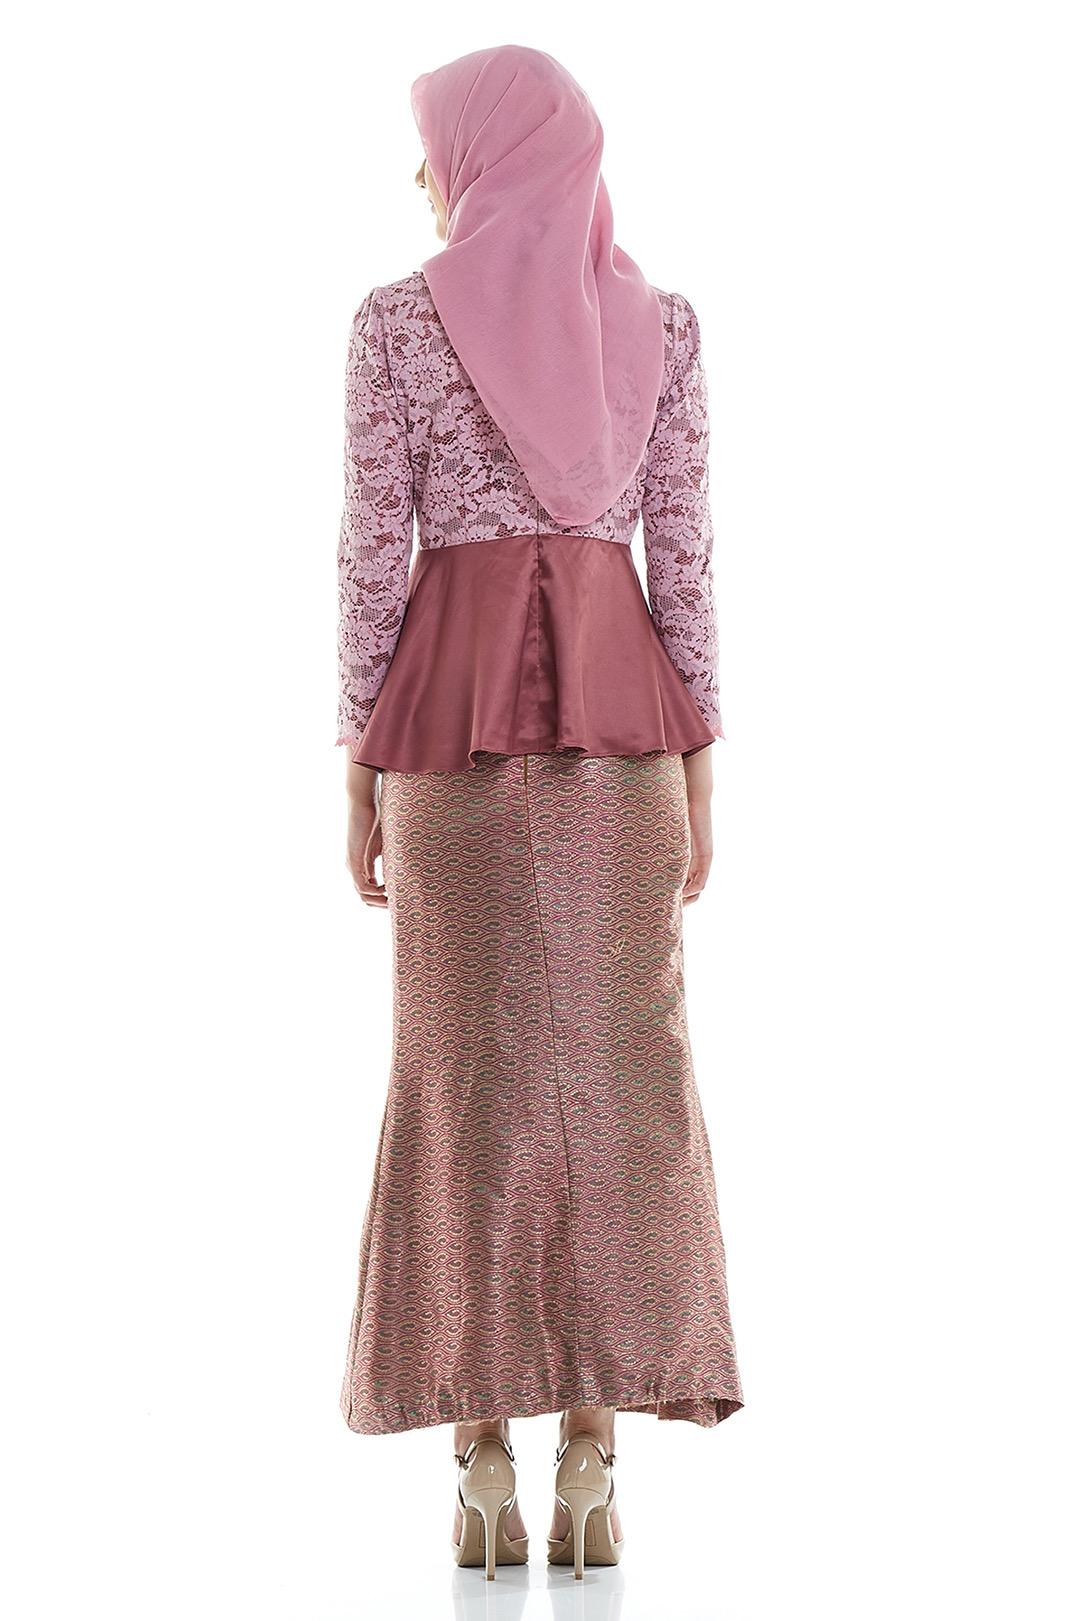 Contoh Baju Kebaya Wisuda Hijab